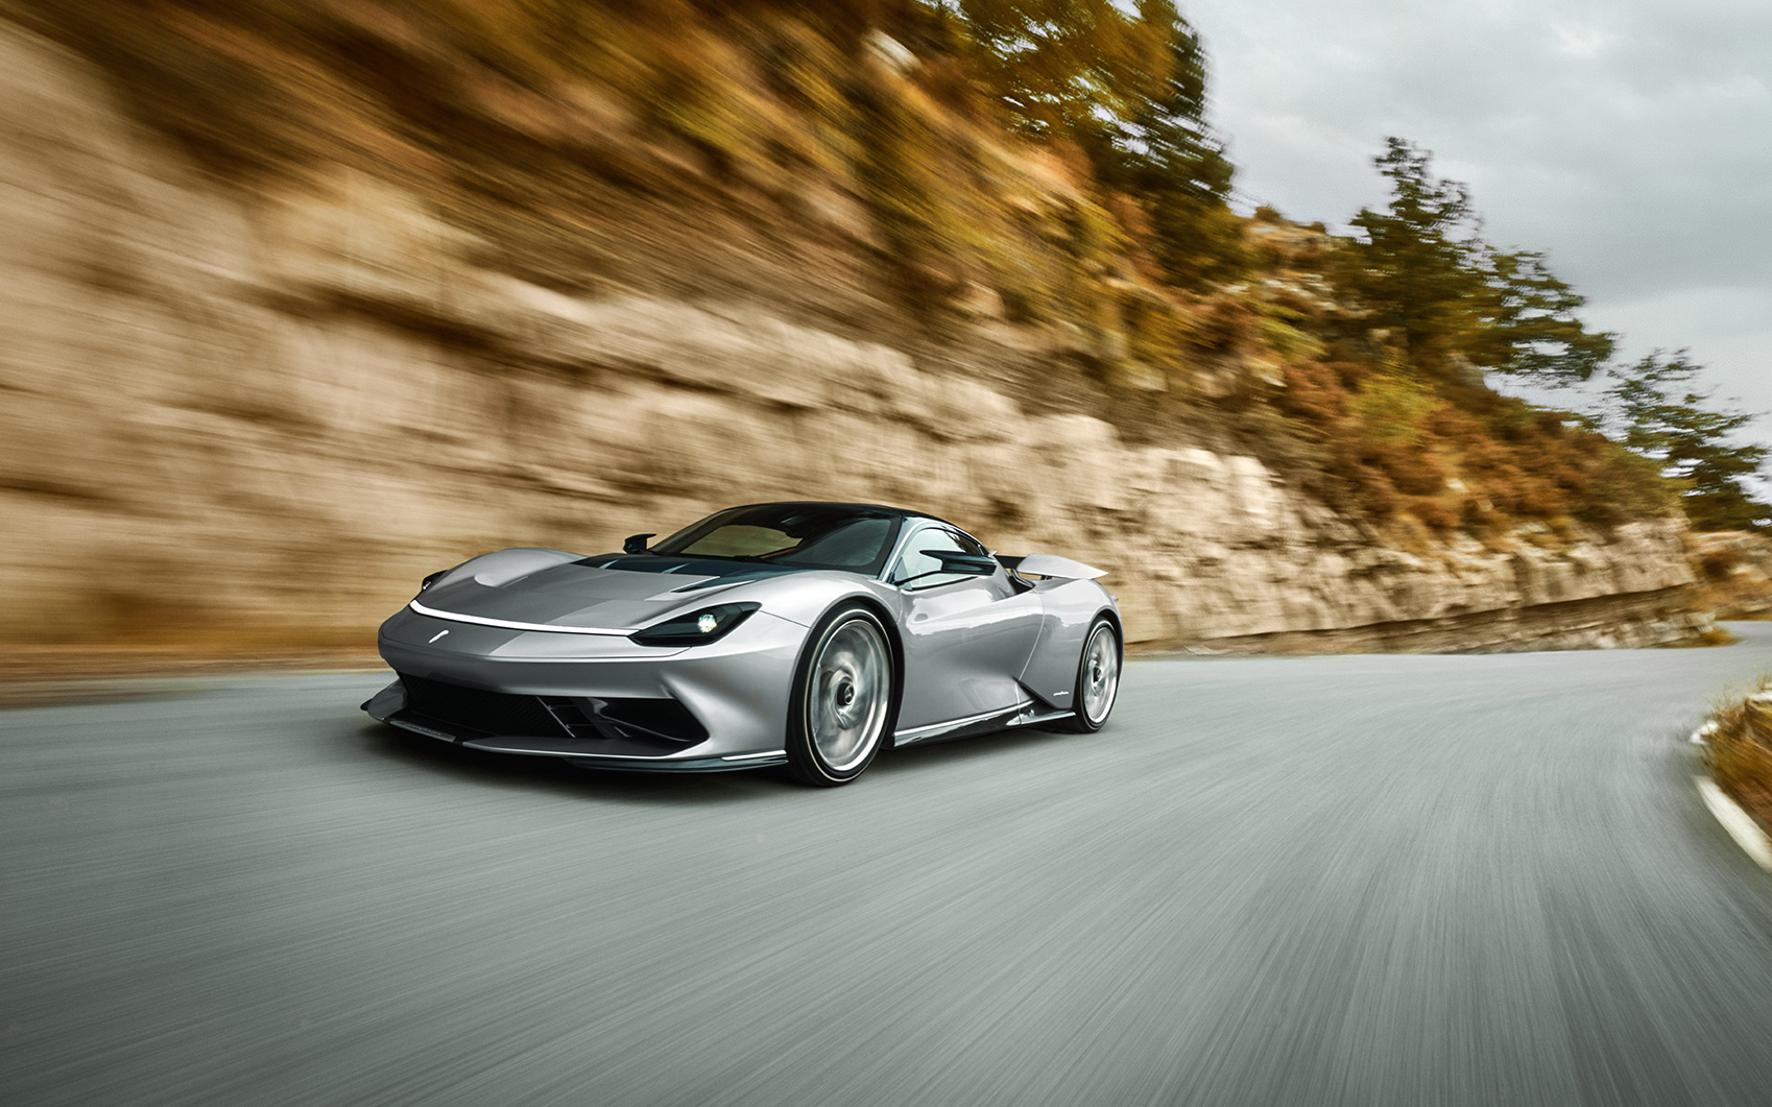 Klassiker-Karriere vorgezeichnet: das Edel-Design des Pininfarina bezaubert.